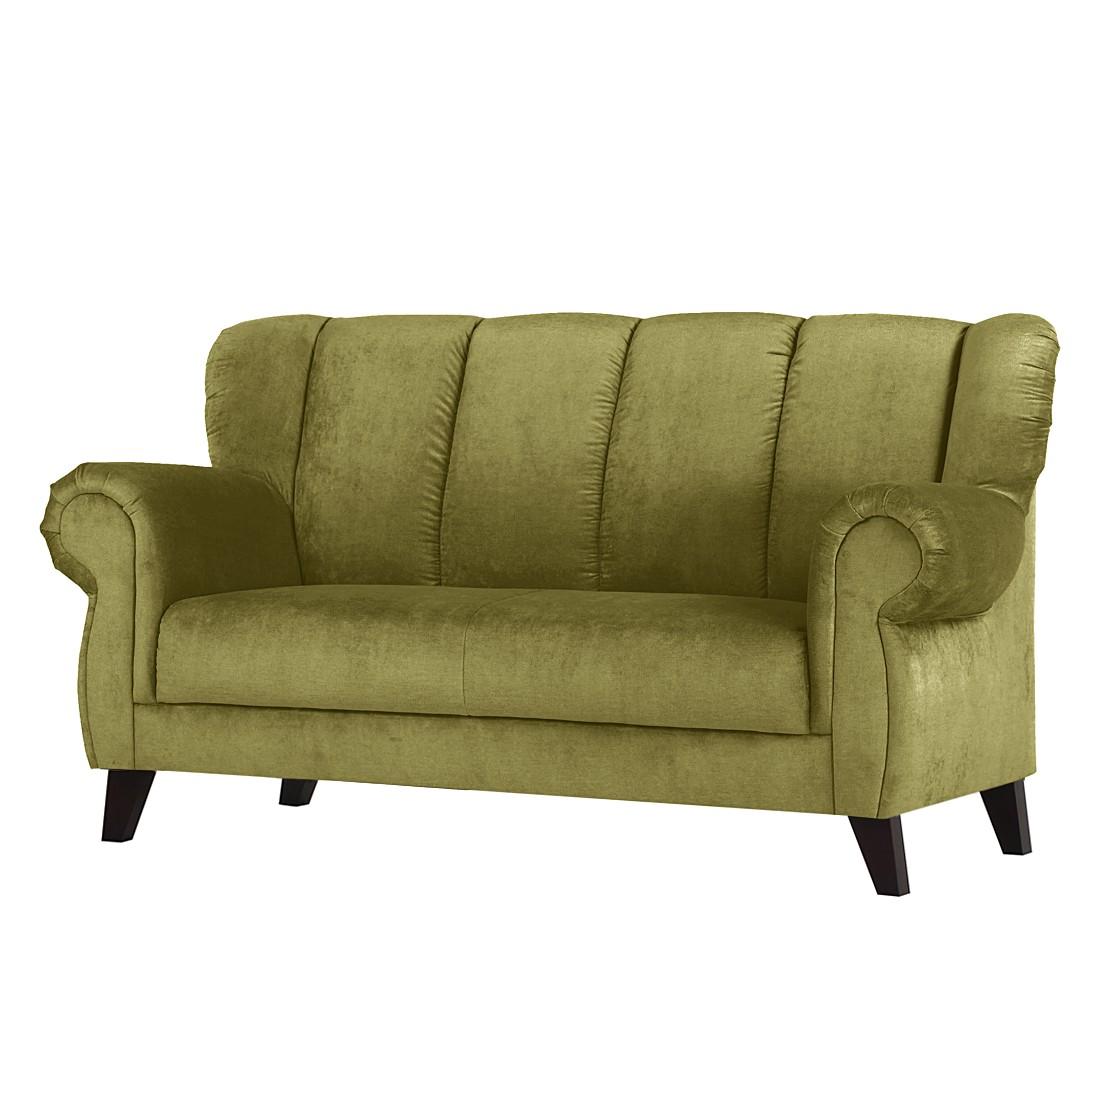 Diningsofa Comodo II (2-Sitzer) – Microfaser Dunkelgrün, Maison Belfort online bestellen